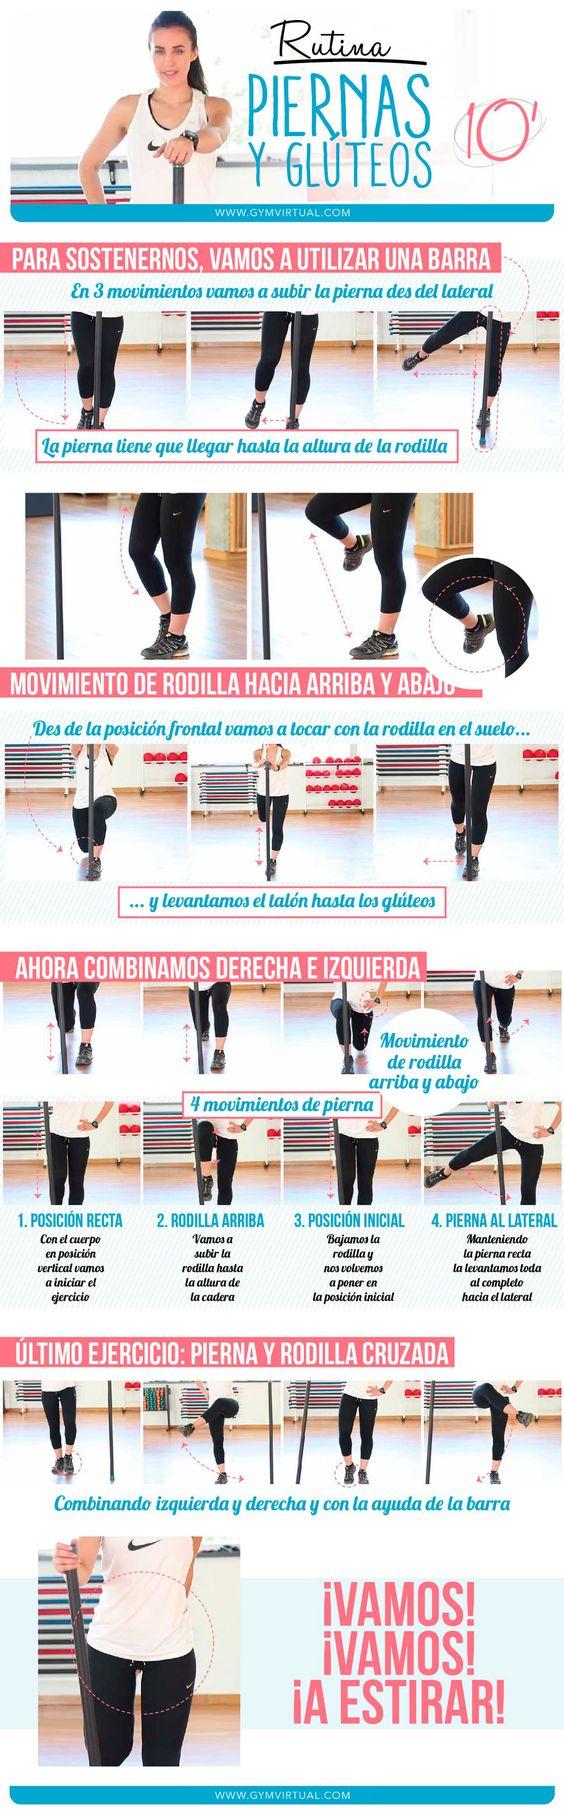 Rutina 10 minutos de ejercicios de piernas y gl teos paso for Gimnasio 55 minutos